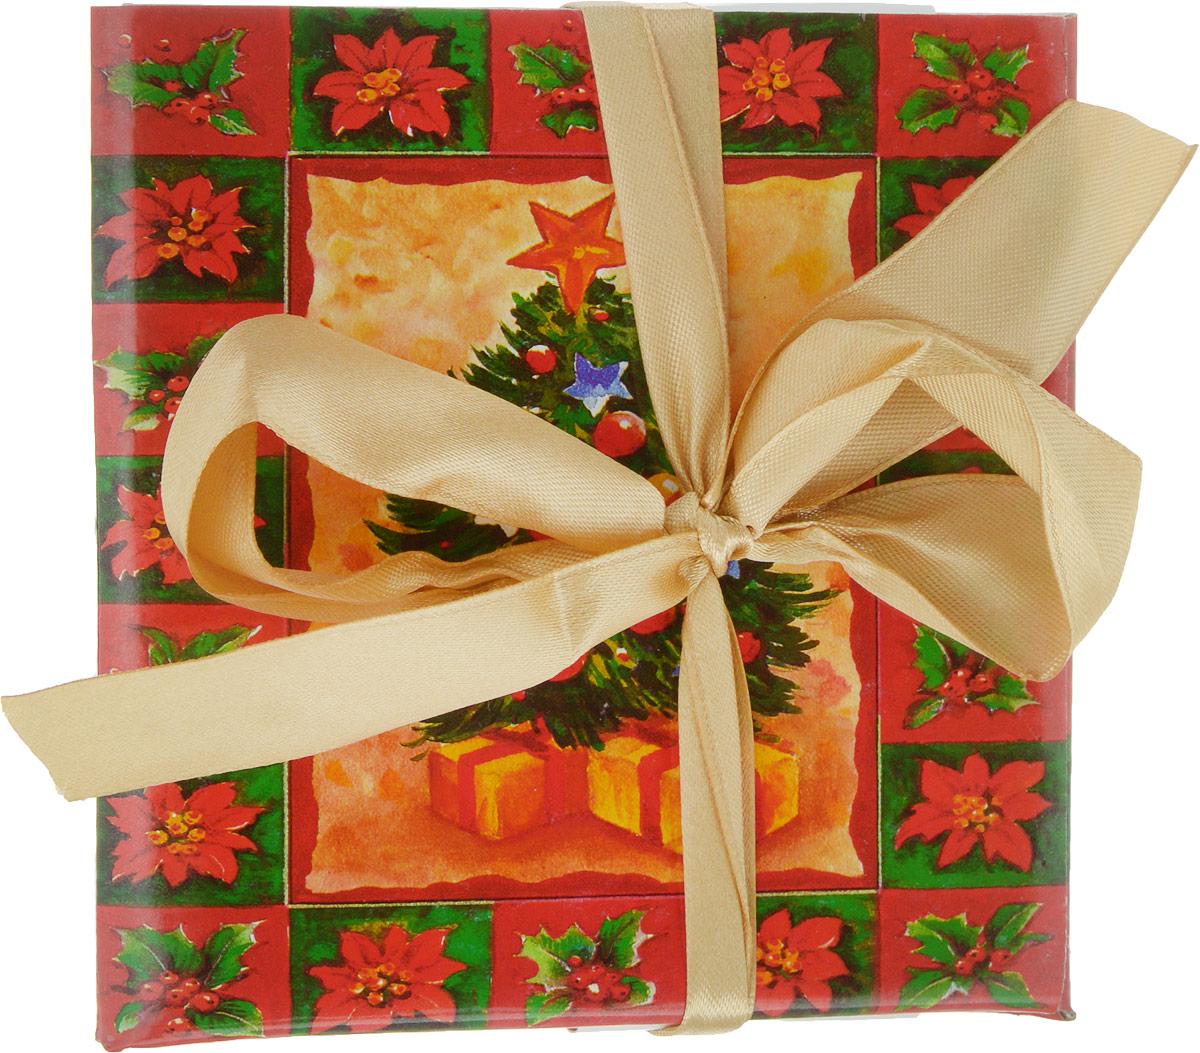 Коробка подарочная Winter Wings, цвет: красный, золотой, 12 х 12 х 12 смN14060/128_красный, золотойРаскладная подарочная коробка Winter Wings выполнена из прочного картона. Изделие оформлено новогодним рисунком.Подарочная коробка - это наилучшее решение, если вы хотите порадовать ваших близких и создать праздничное настроение, ведь подарок, преподнесенный в оригинальной упаковке, всегда будет самым эффектным и запоминающимся. Окружите близких людей вниманием и заботой, вручив презент в нарядном, праздничном оформлении.